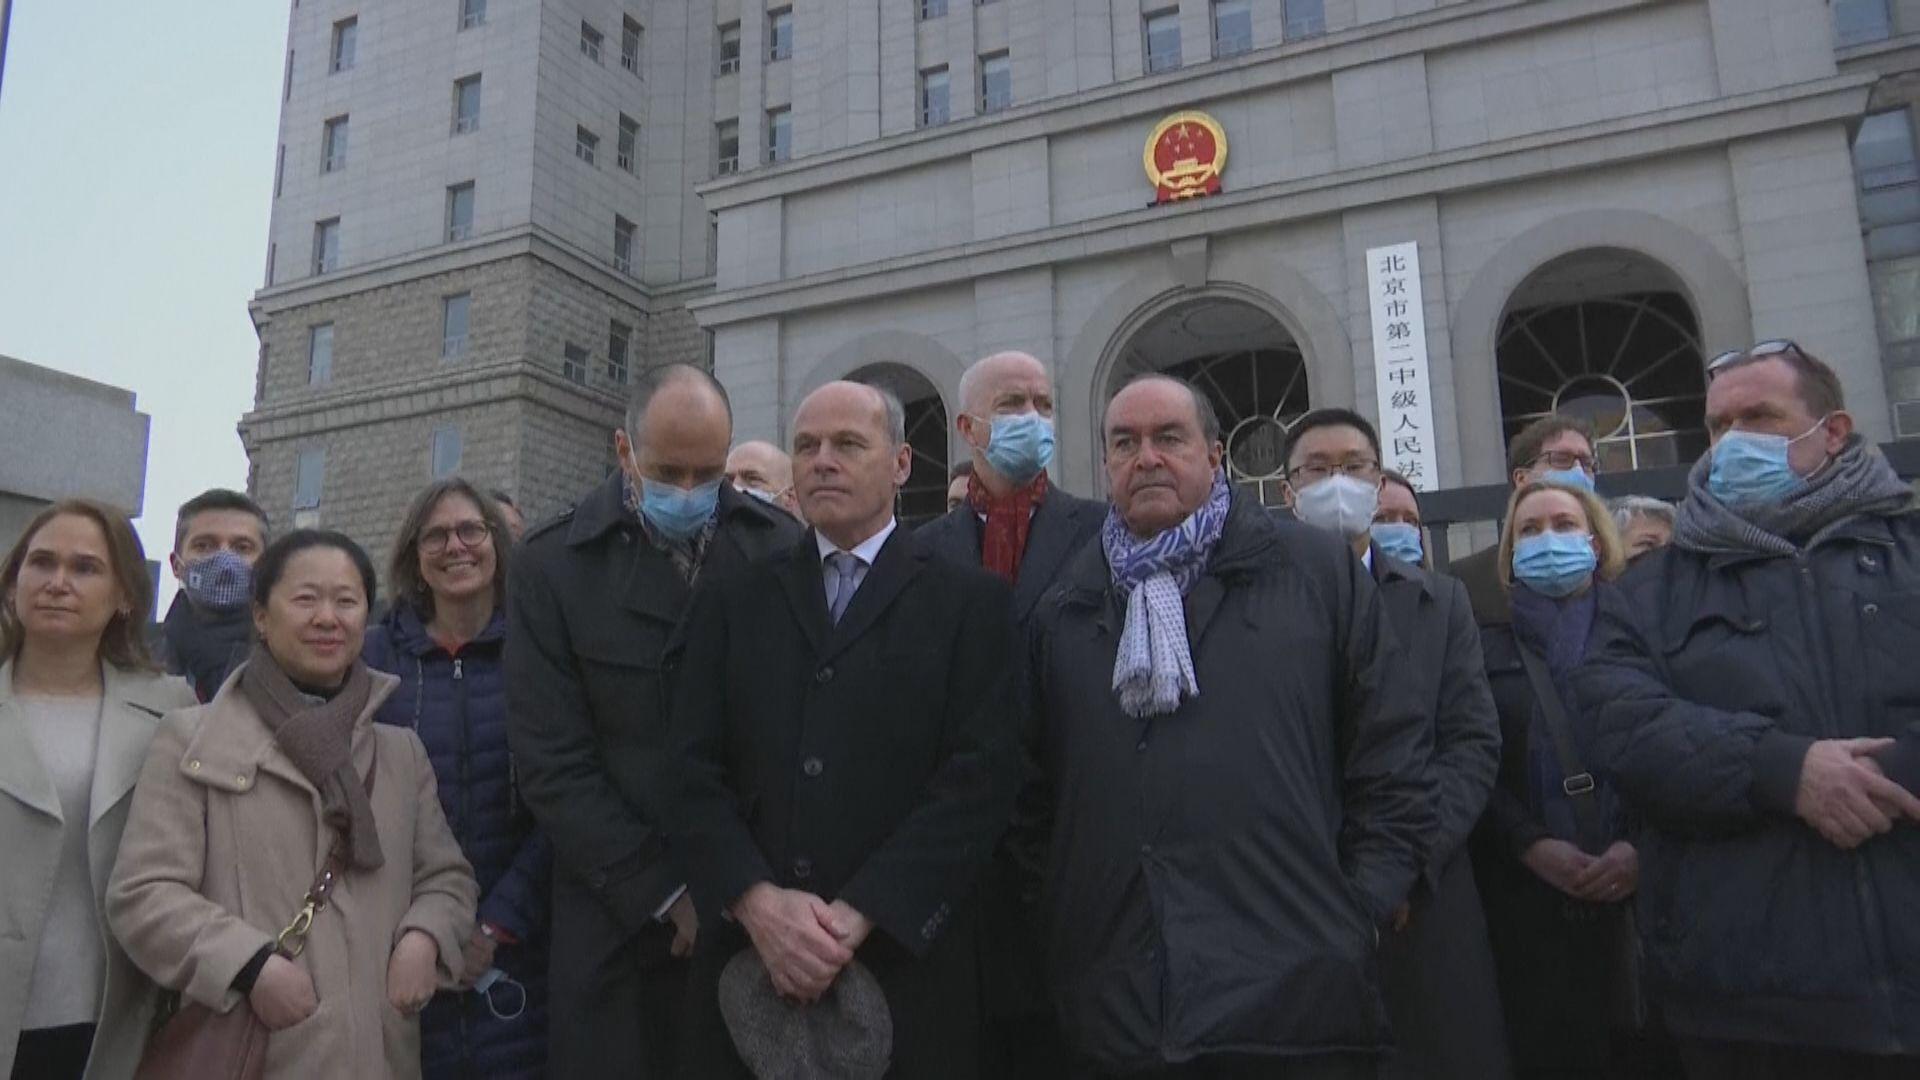 康明凱北京出庭受審 美加等28駐華使館代表被拒入庭旁聽